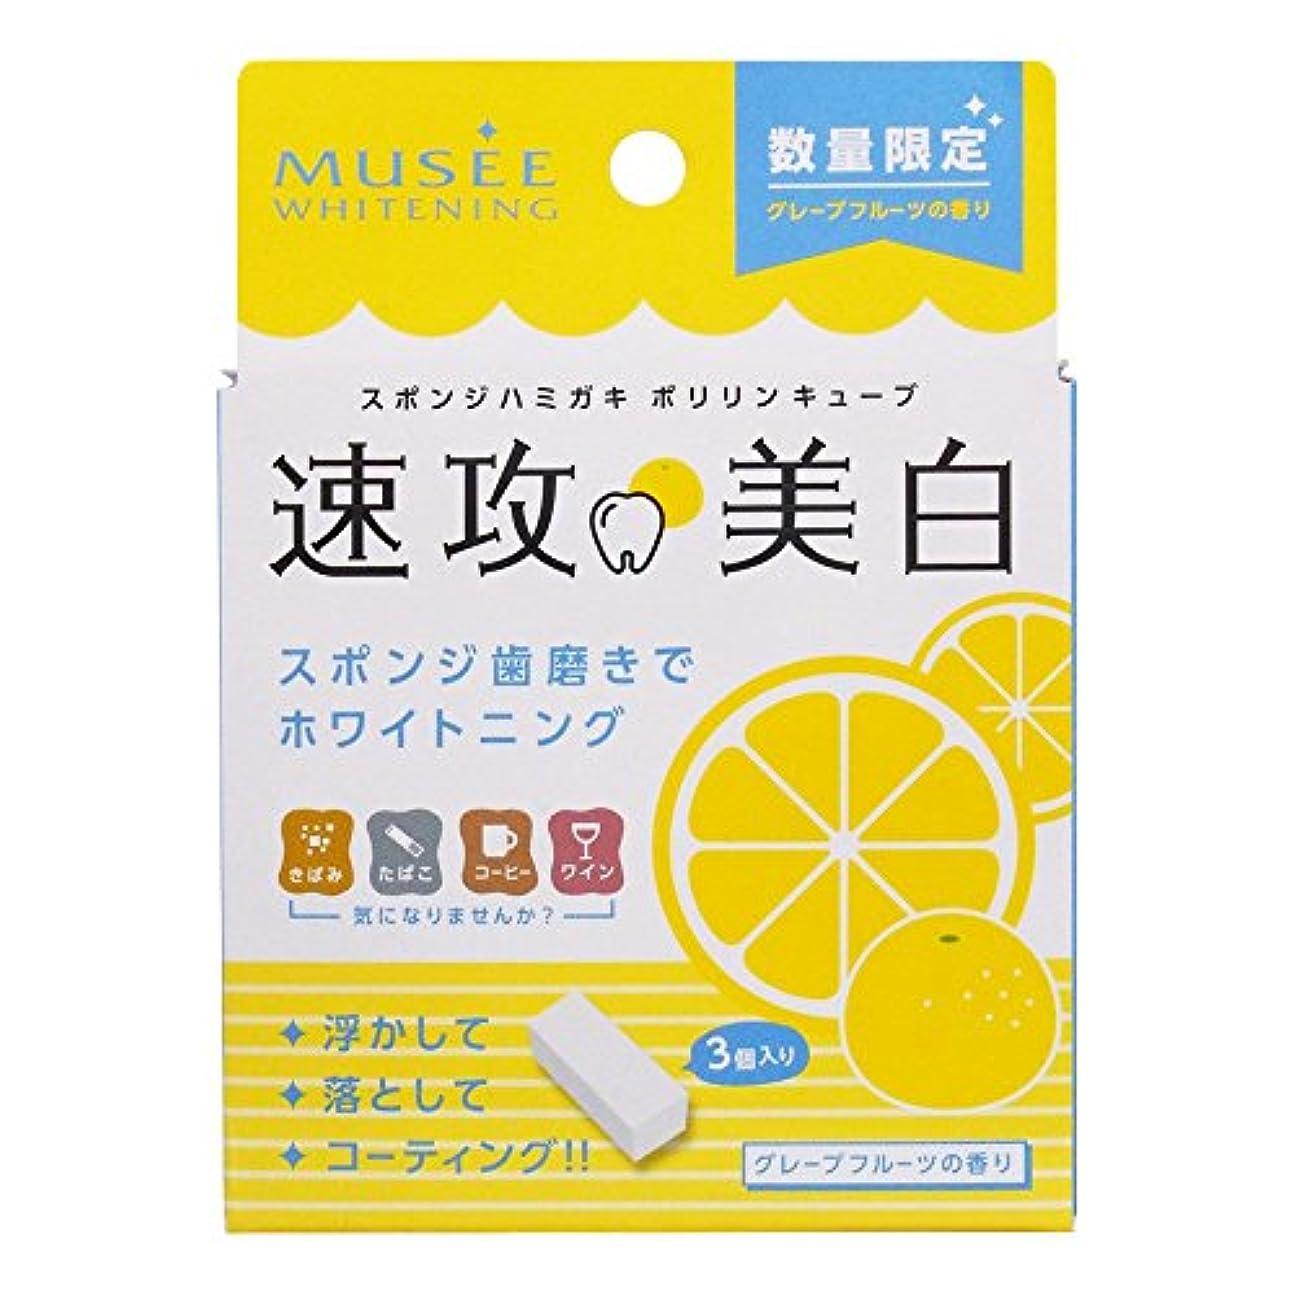 に向けて出発過度に文字通りミュゼホワイトニング ポリリンキューブ グレープフルーツの香り (1回分×3包)